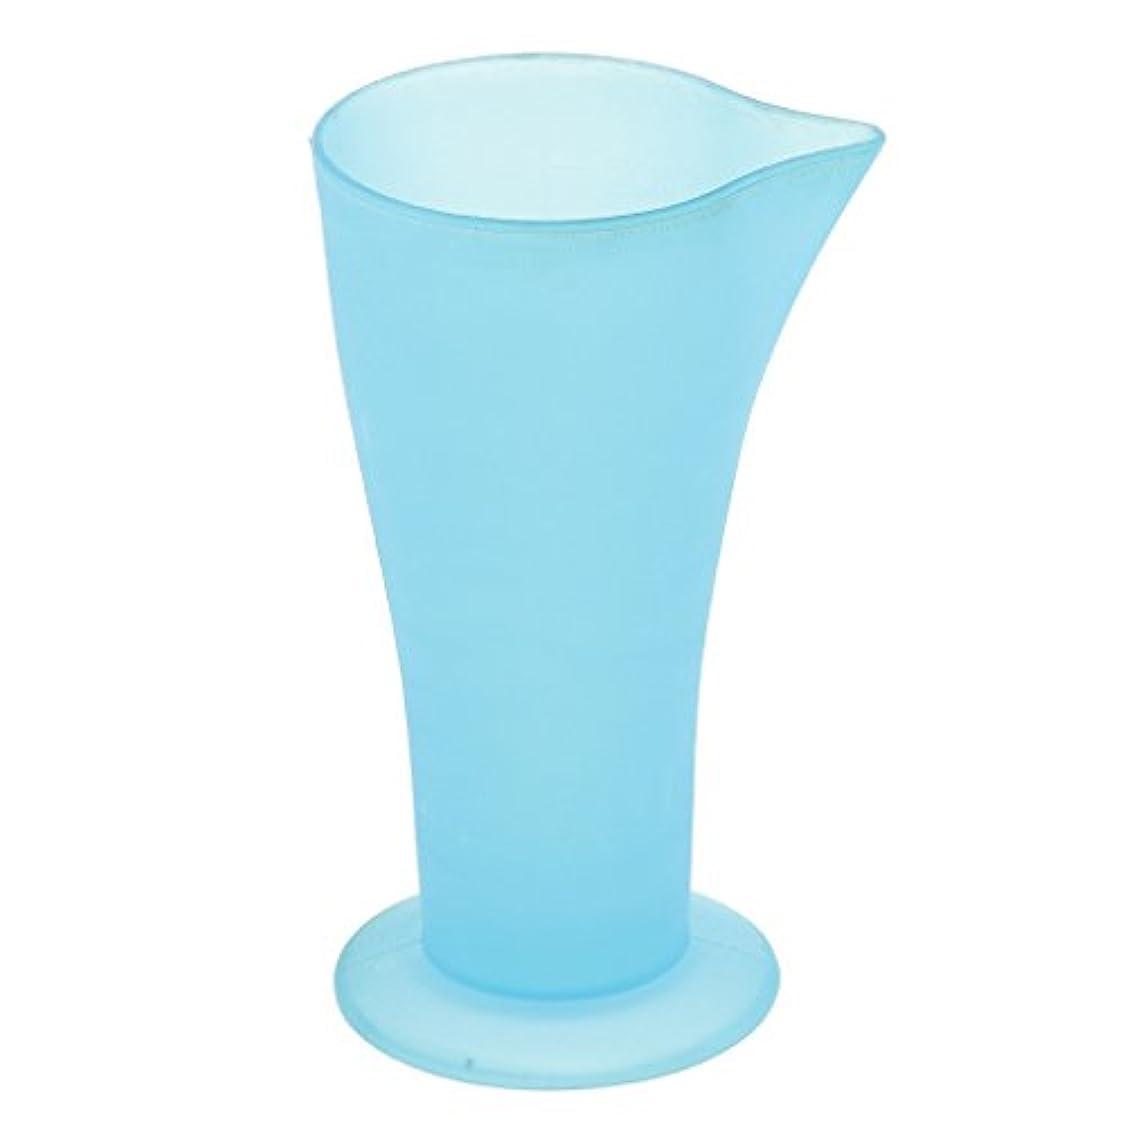 ナプキン時刻表ゲスト計量カップ ヘアダイカップ ヘアカラーカップ ヘアダイ容器 ブルー プラスチック 再使用可能 髪型 サロン 髪の色合い 色測定カップ